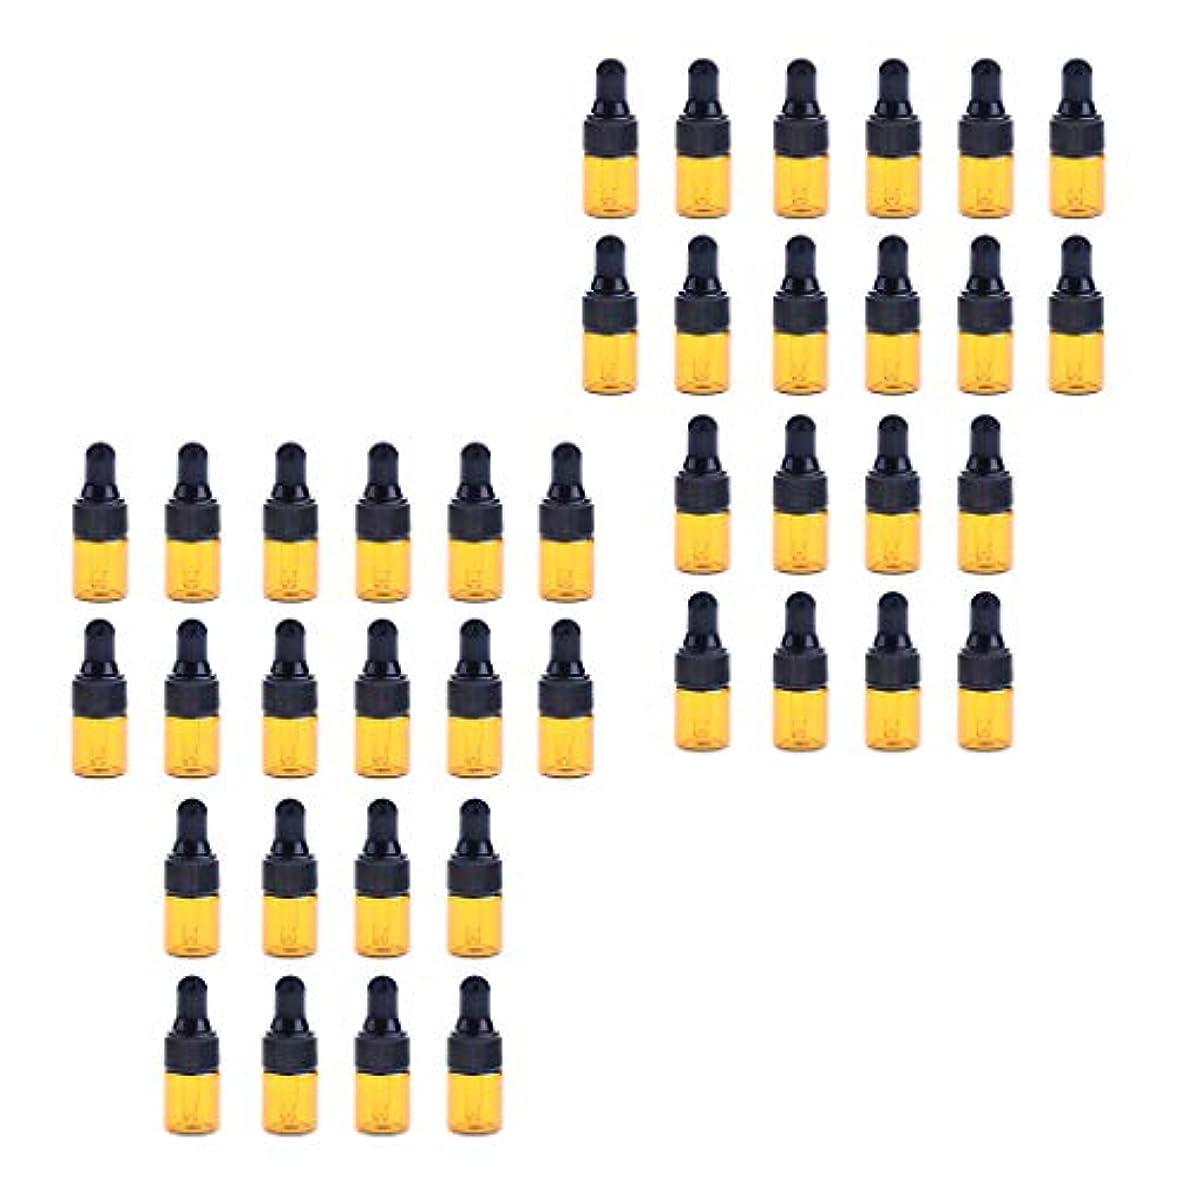 当社喜劇正確にドロッパーボトル ガラス瓶 エッセンシャルオイル 精油 保存容器 詰め替え 小型 1ml /2ml 40個入